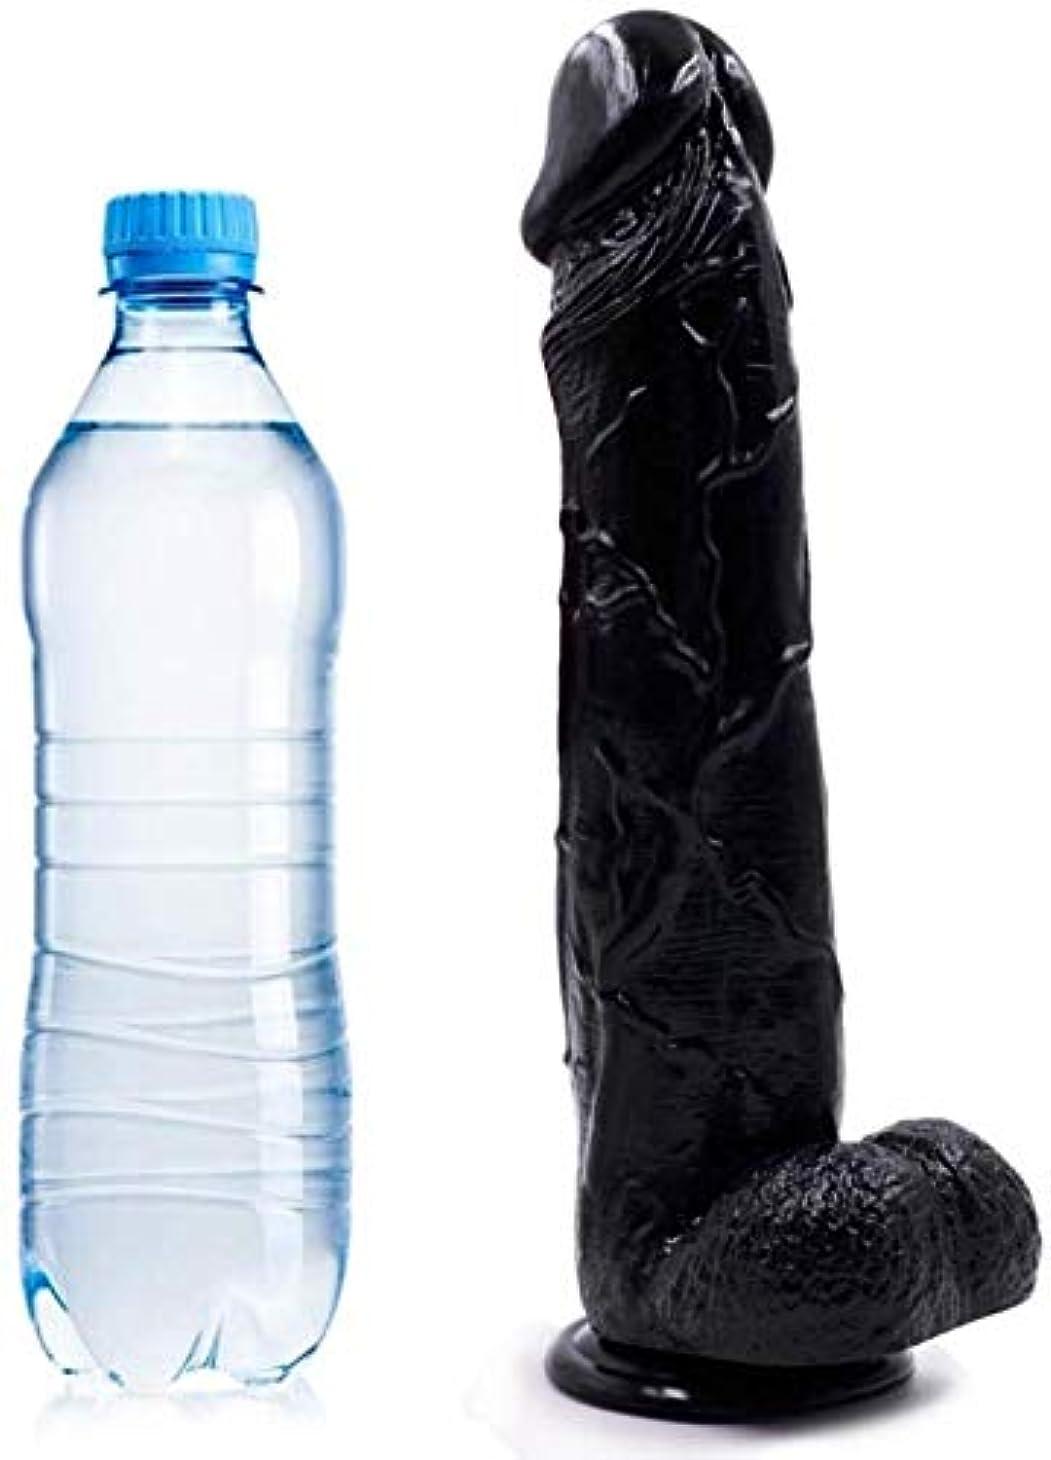 ピーブしなやかな一方、女性のサクションカップのための現実的なDìdlõš、大人のおもちゃ、M-ásságerワンド